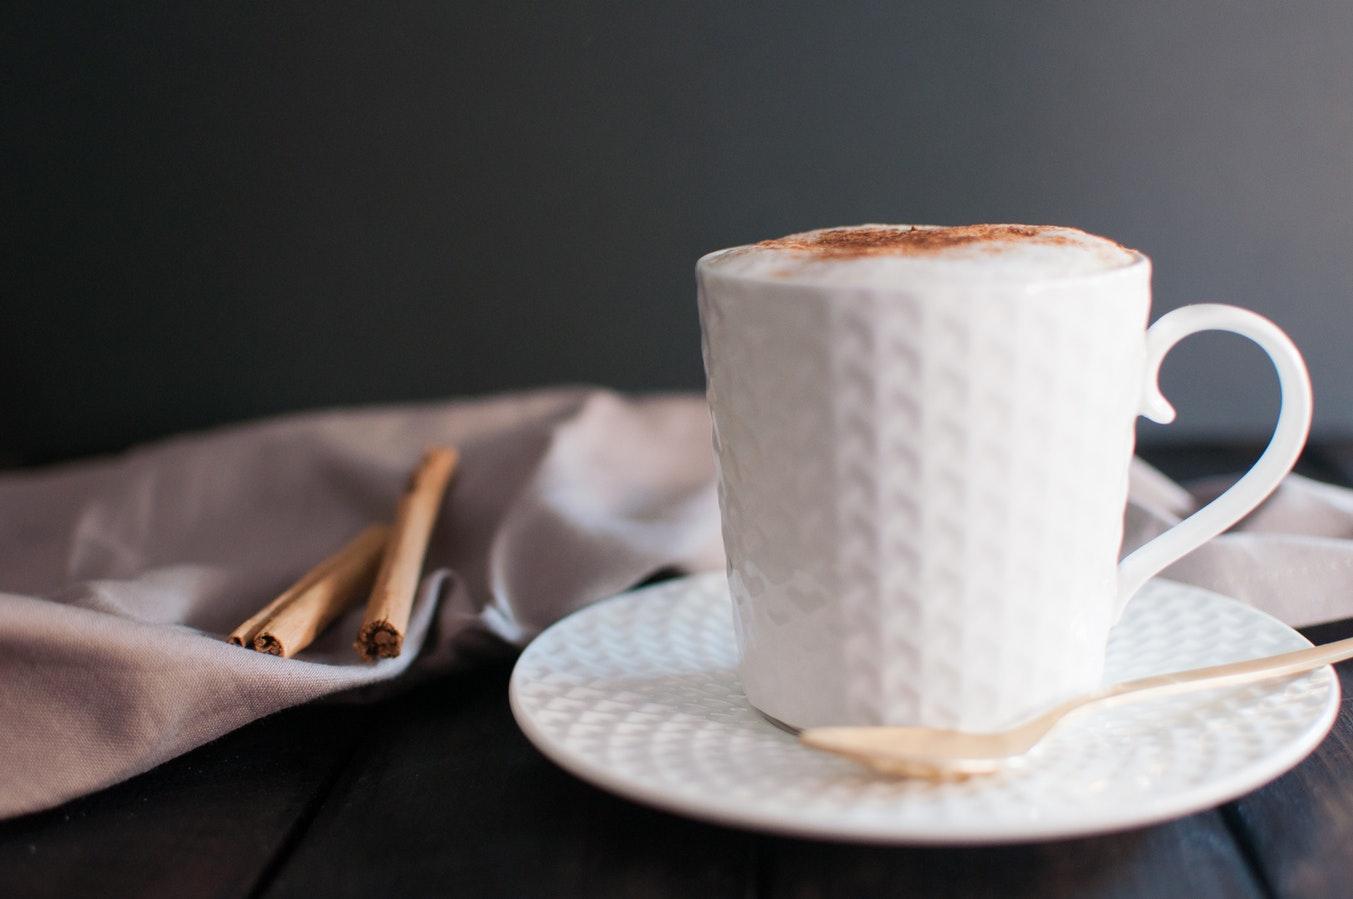 puedo perder peso solo tomando café